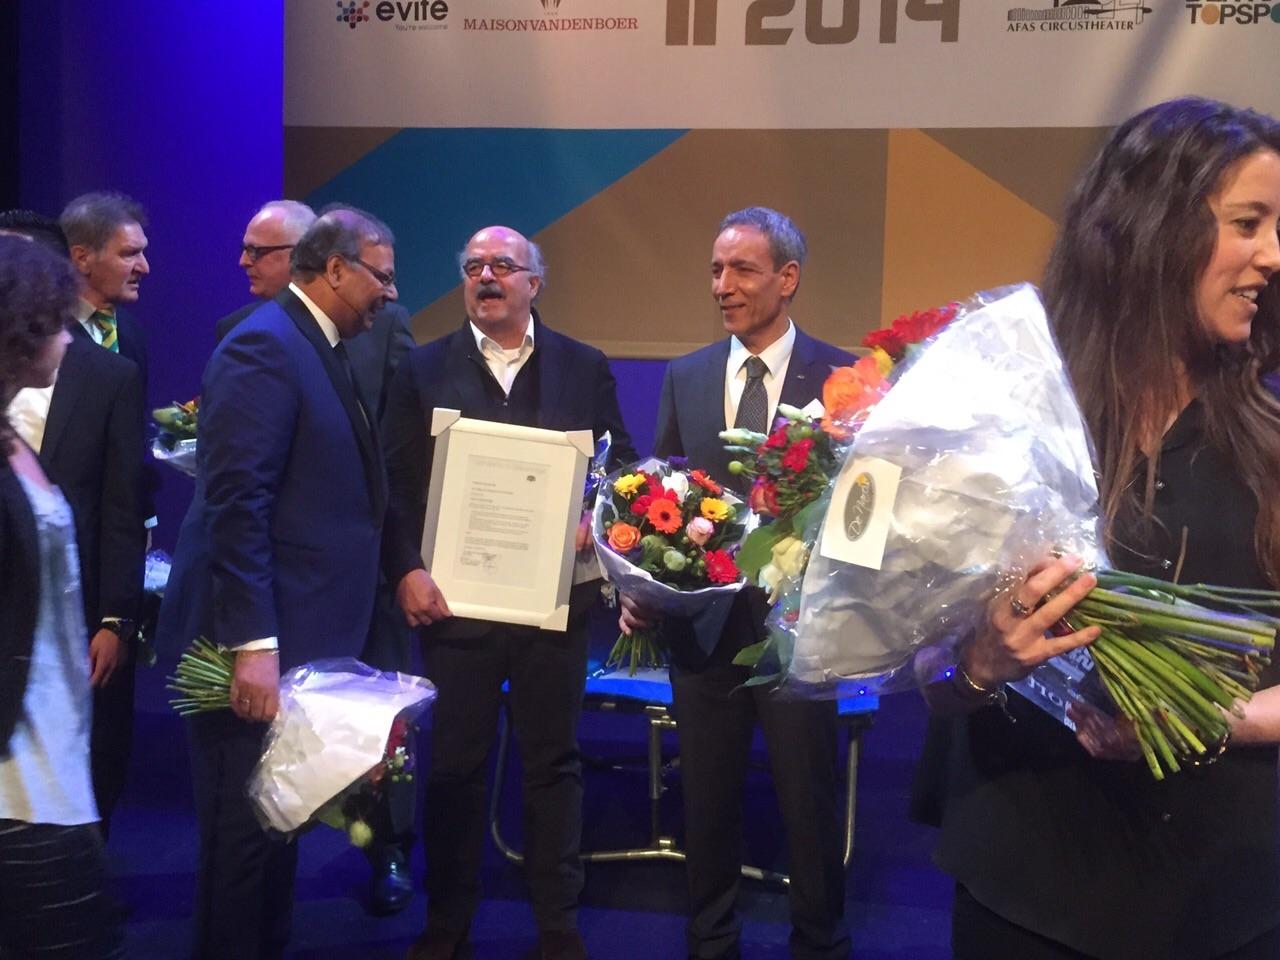 Grootmeester Jafar Zareei wint Oeuvreprijs 2014!